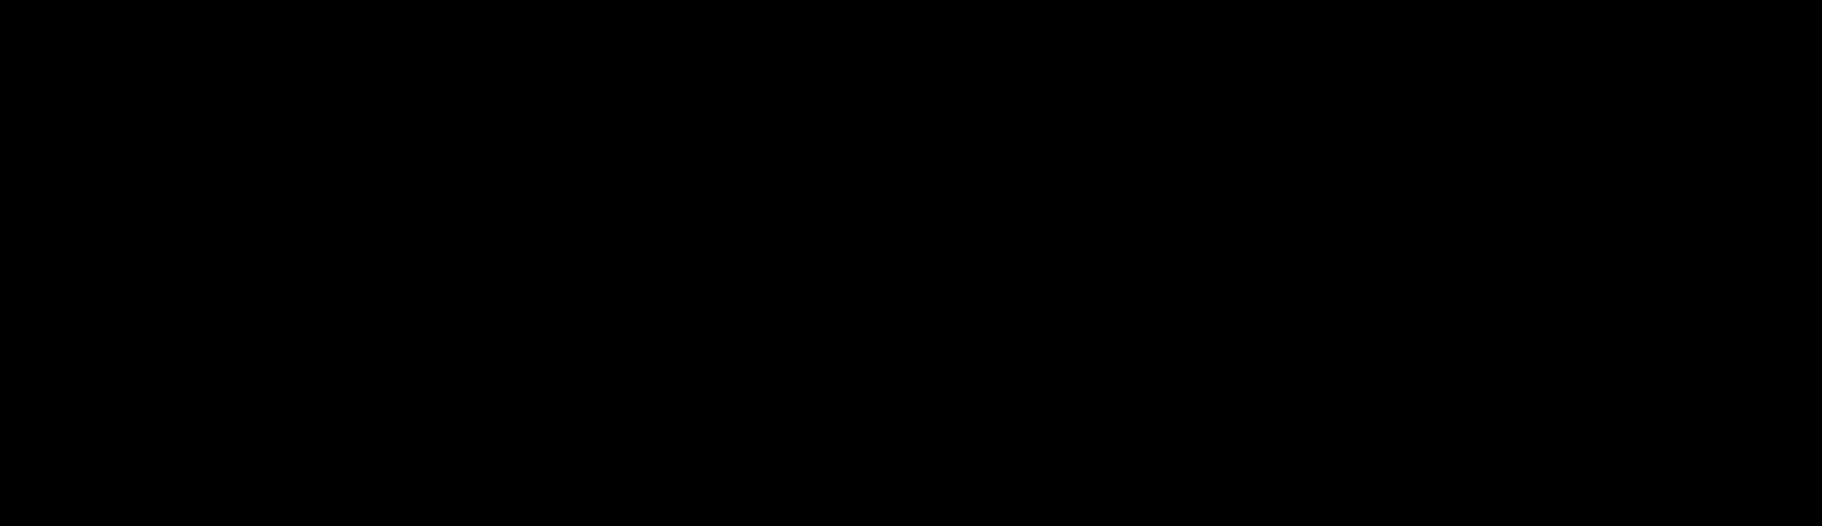 Knowtworthy Footer Logo